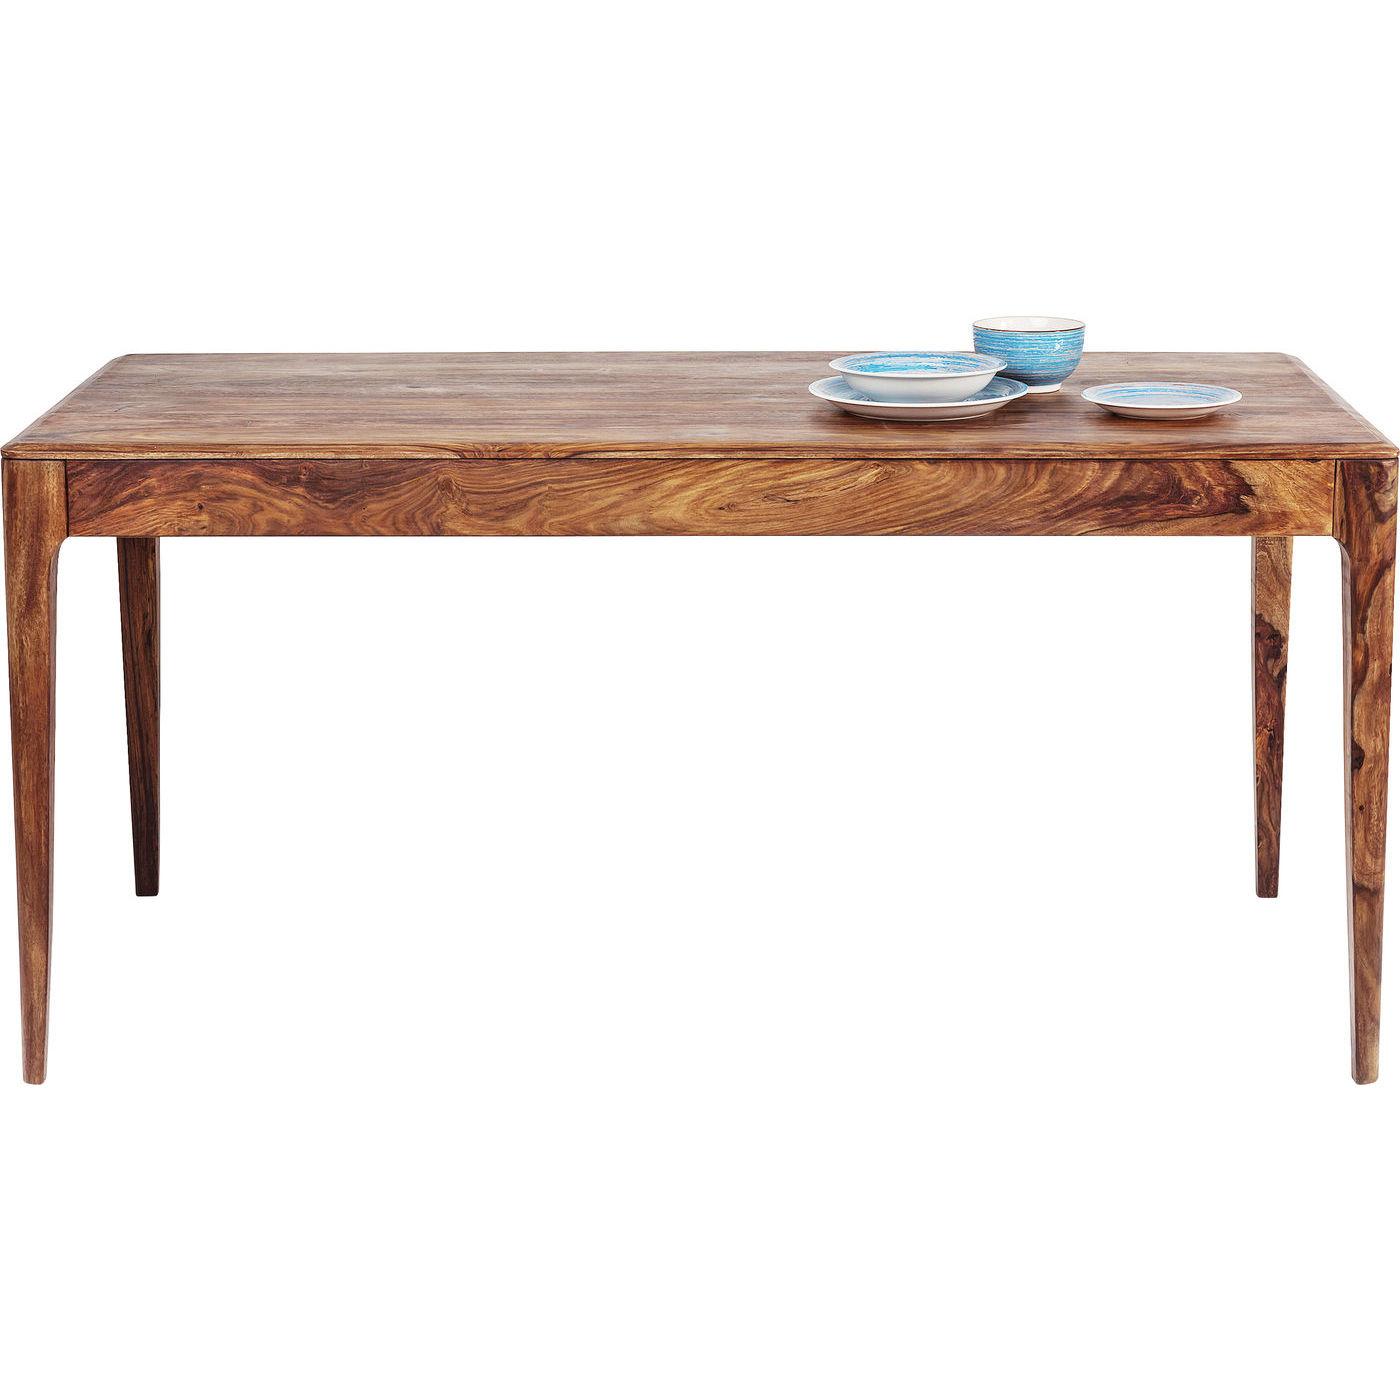 Kare design brooklyn nature spisebord - natur sheeshamtræ (160x80) fra kare design på boboonline.dk